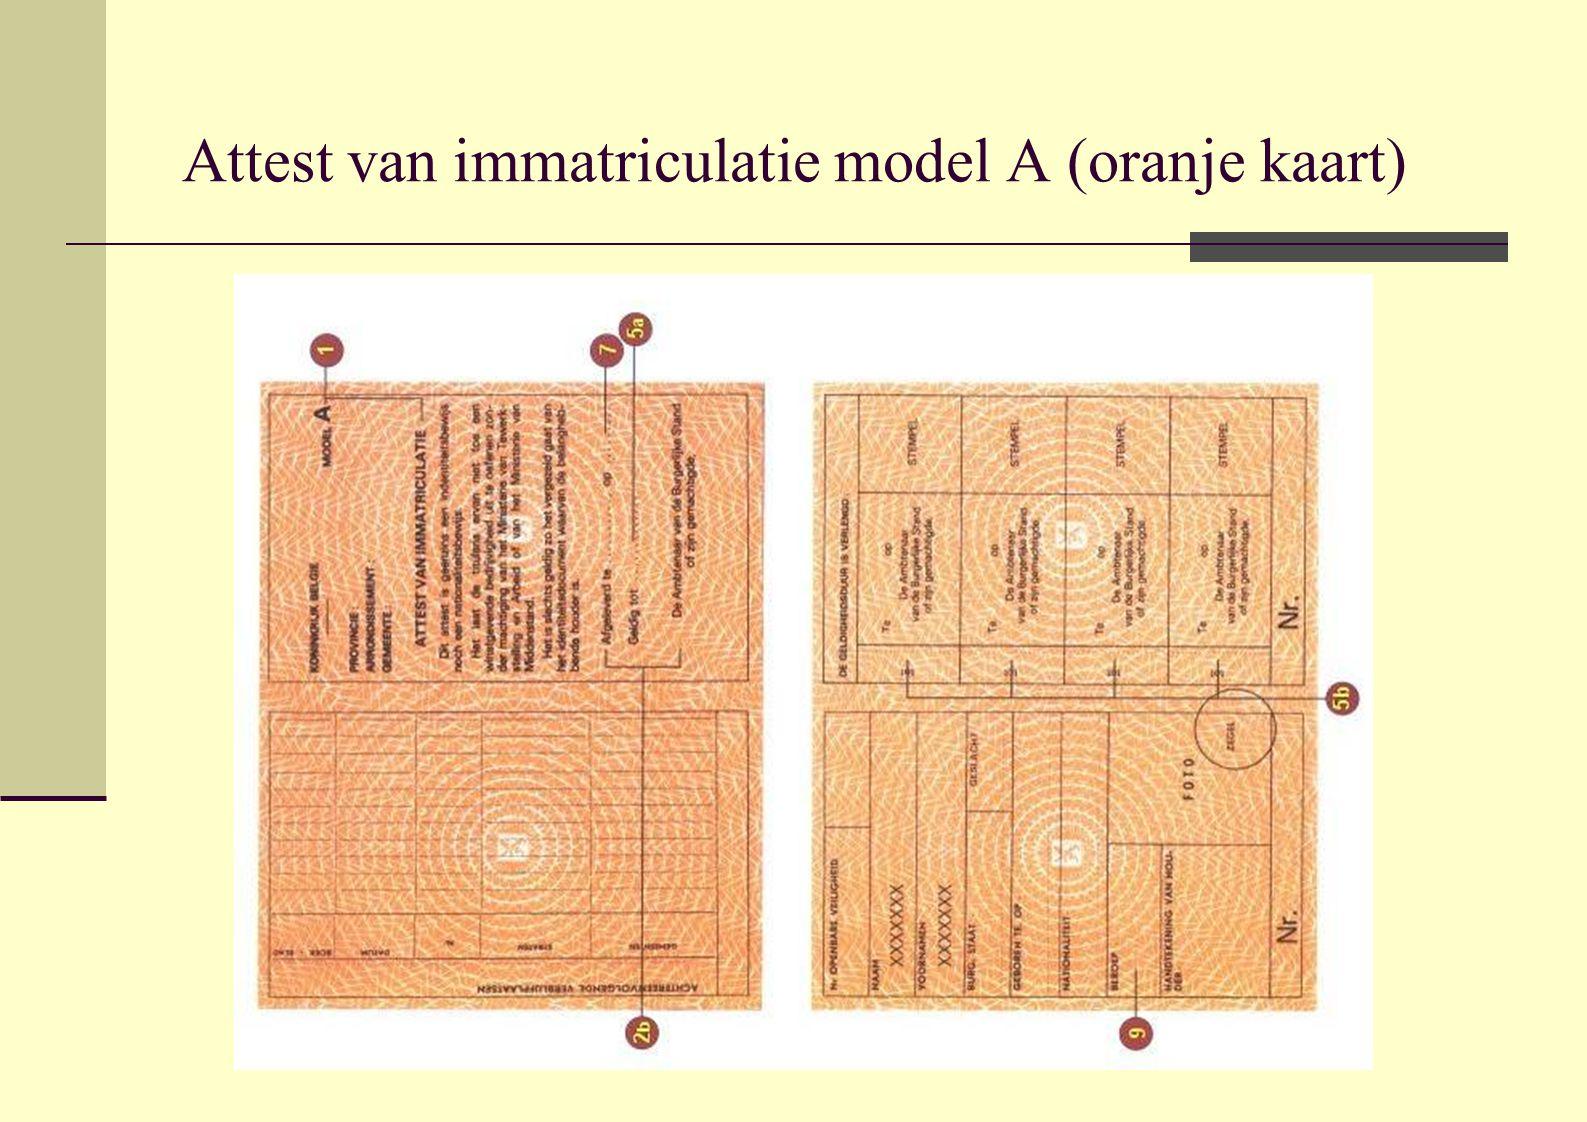 Attest van immatriculatie model A (oranje kaart)